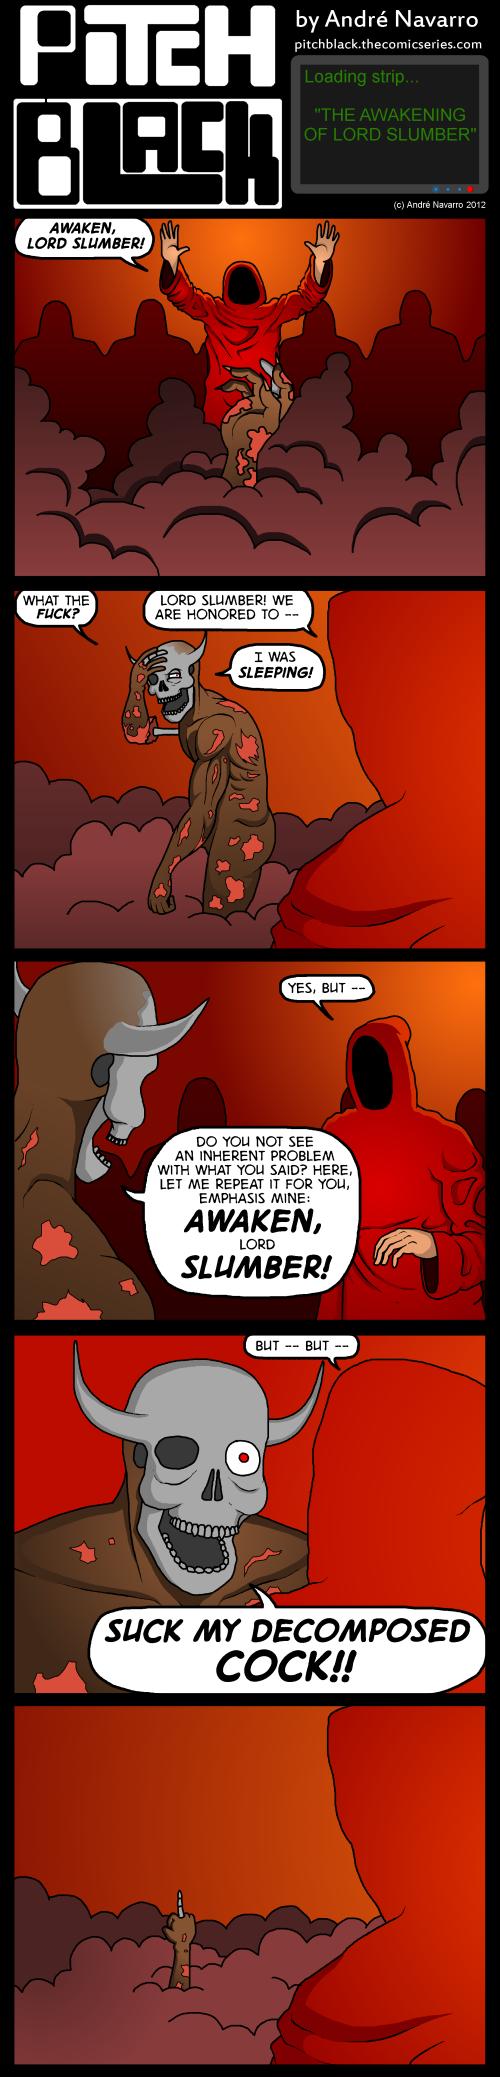 The Awakening of Lord Slumber